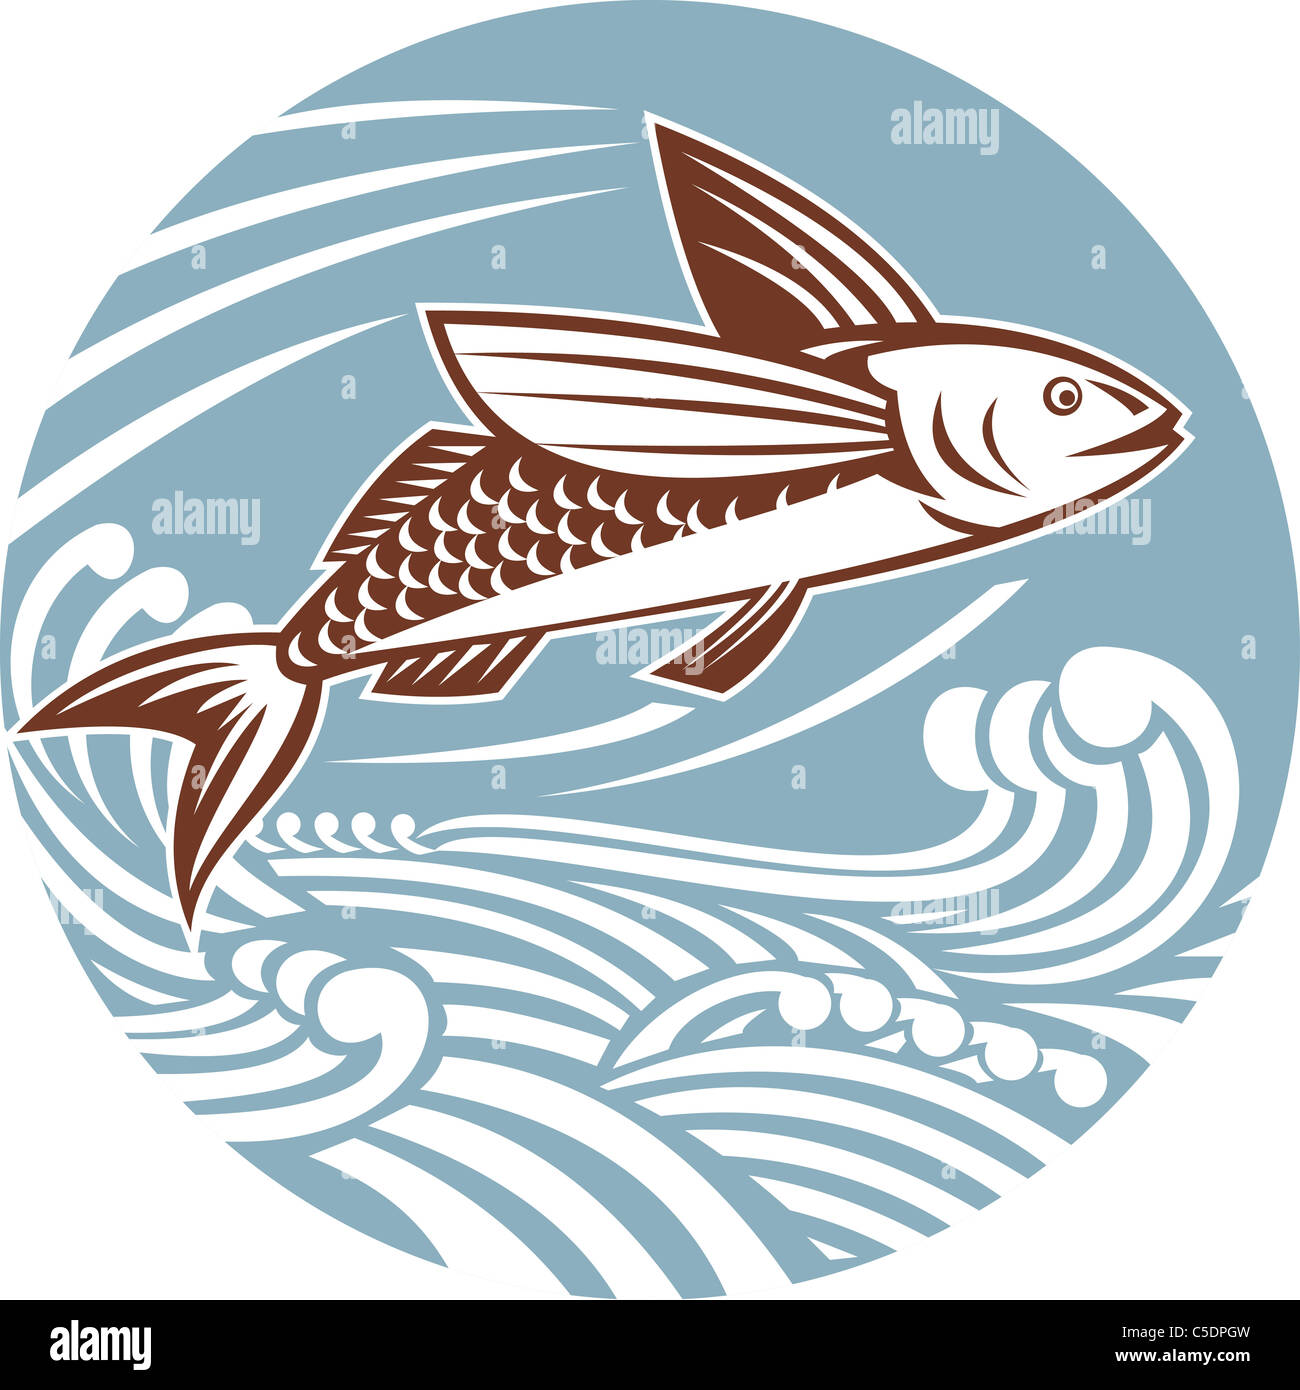 Ilustración de un pez volador con olas de este estilo retro dentro de un círculo Imagen De Stock